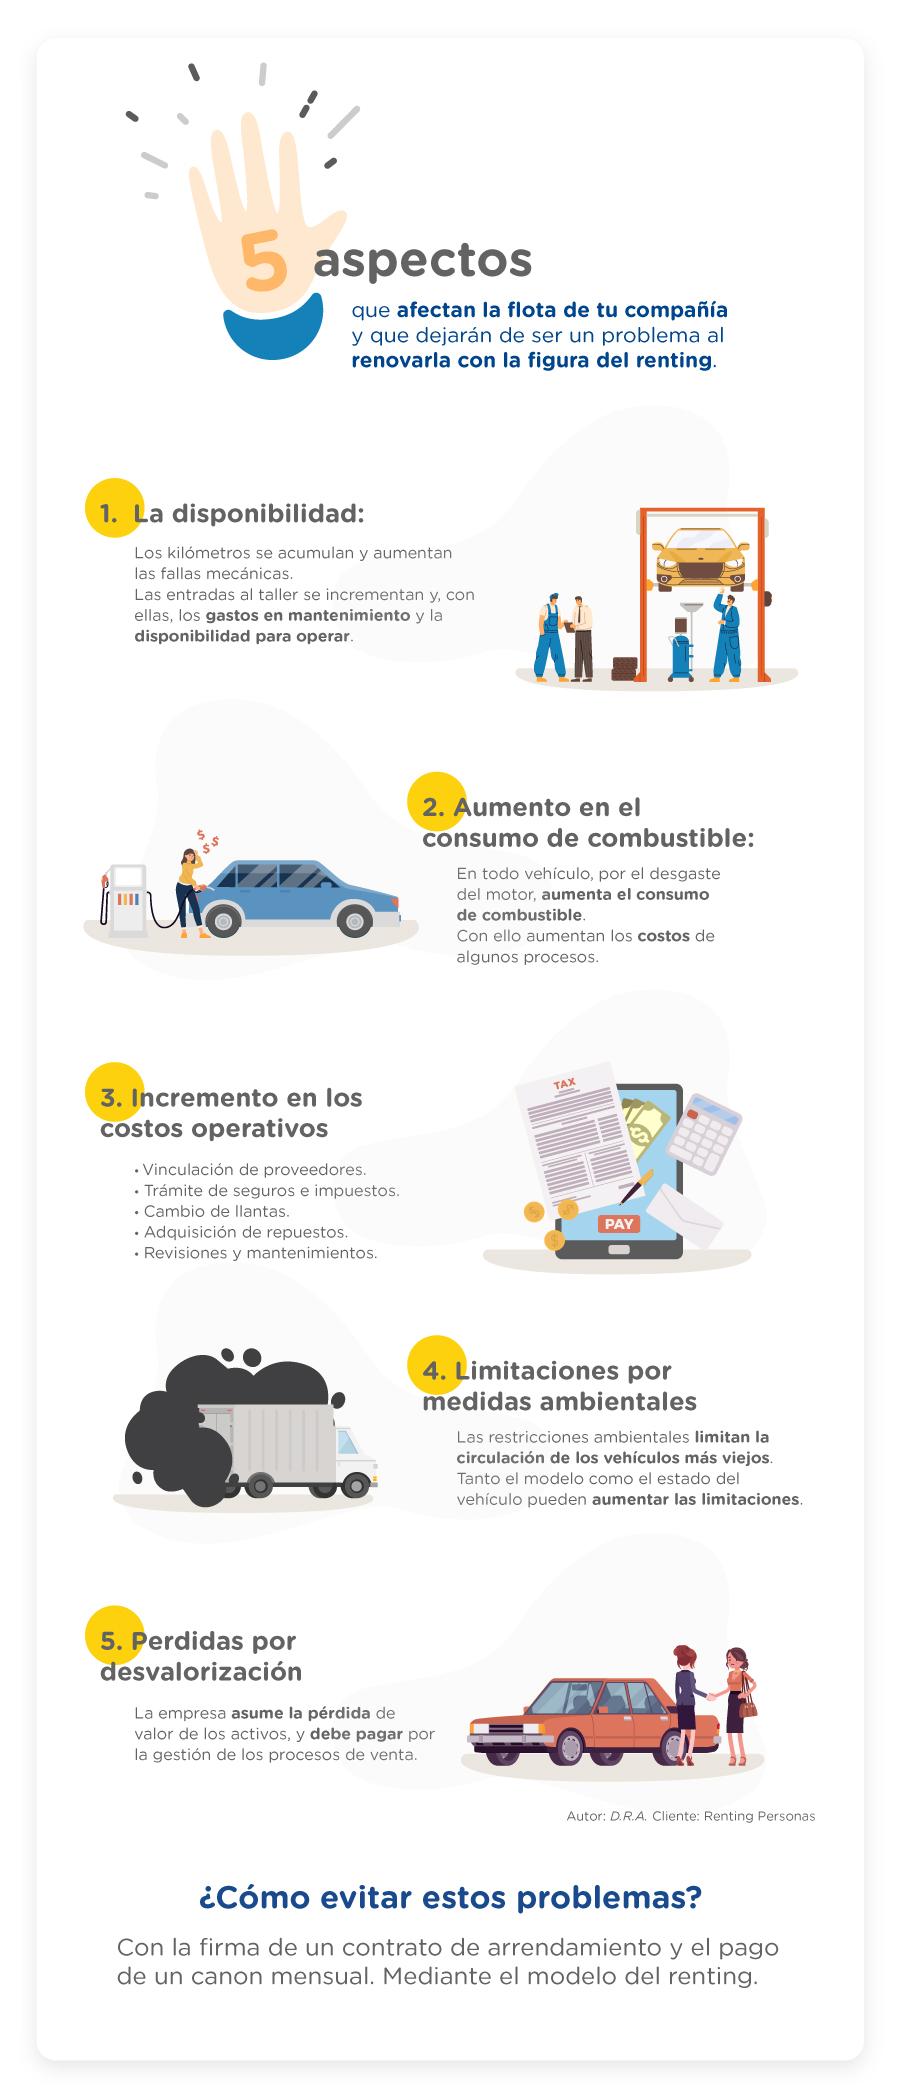 banner-infografico-awareness-renovaflota-productividad-renting-2020